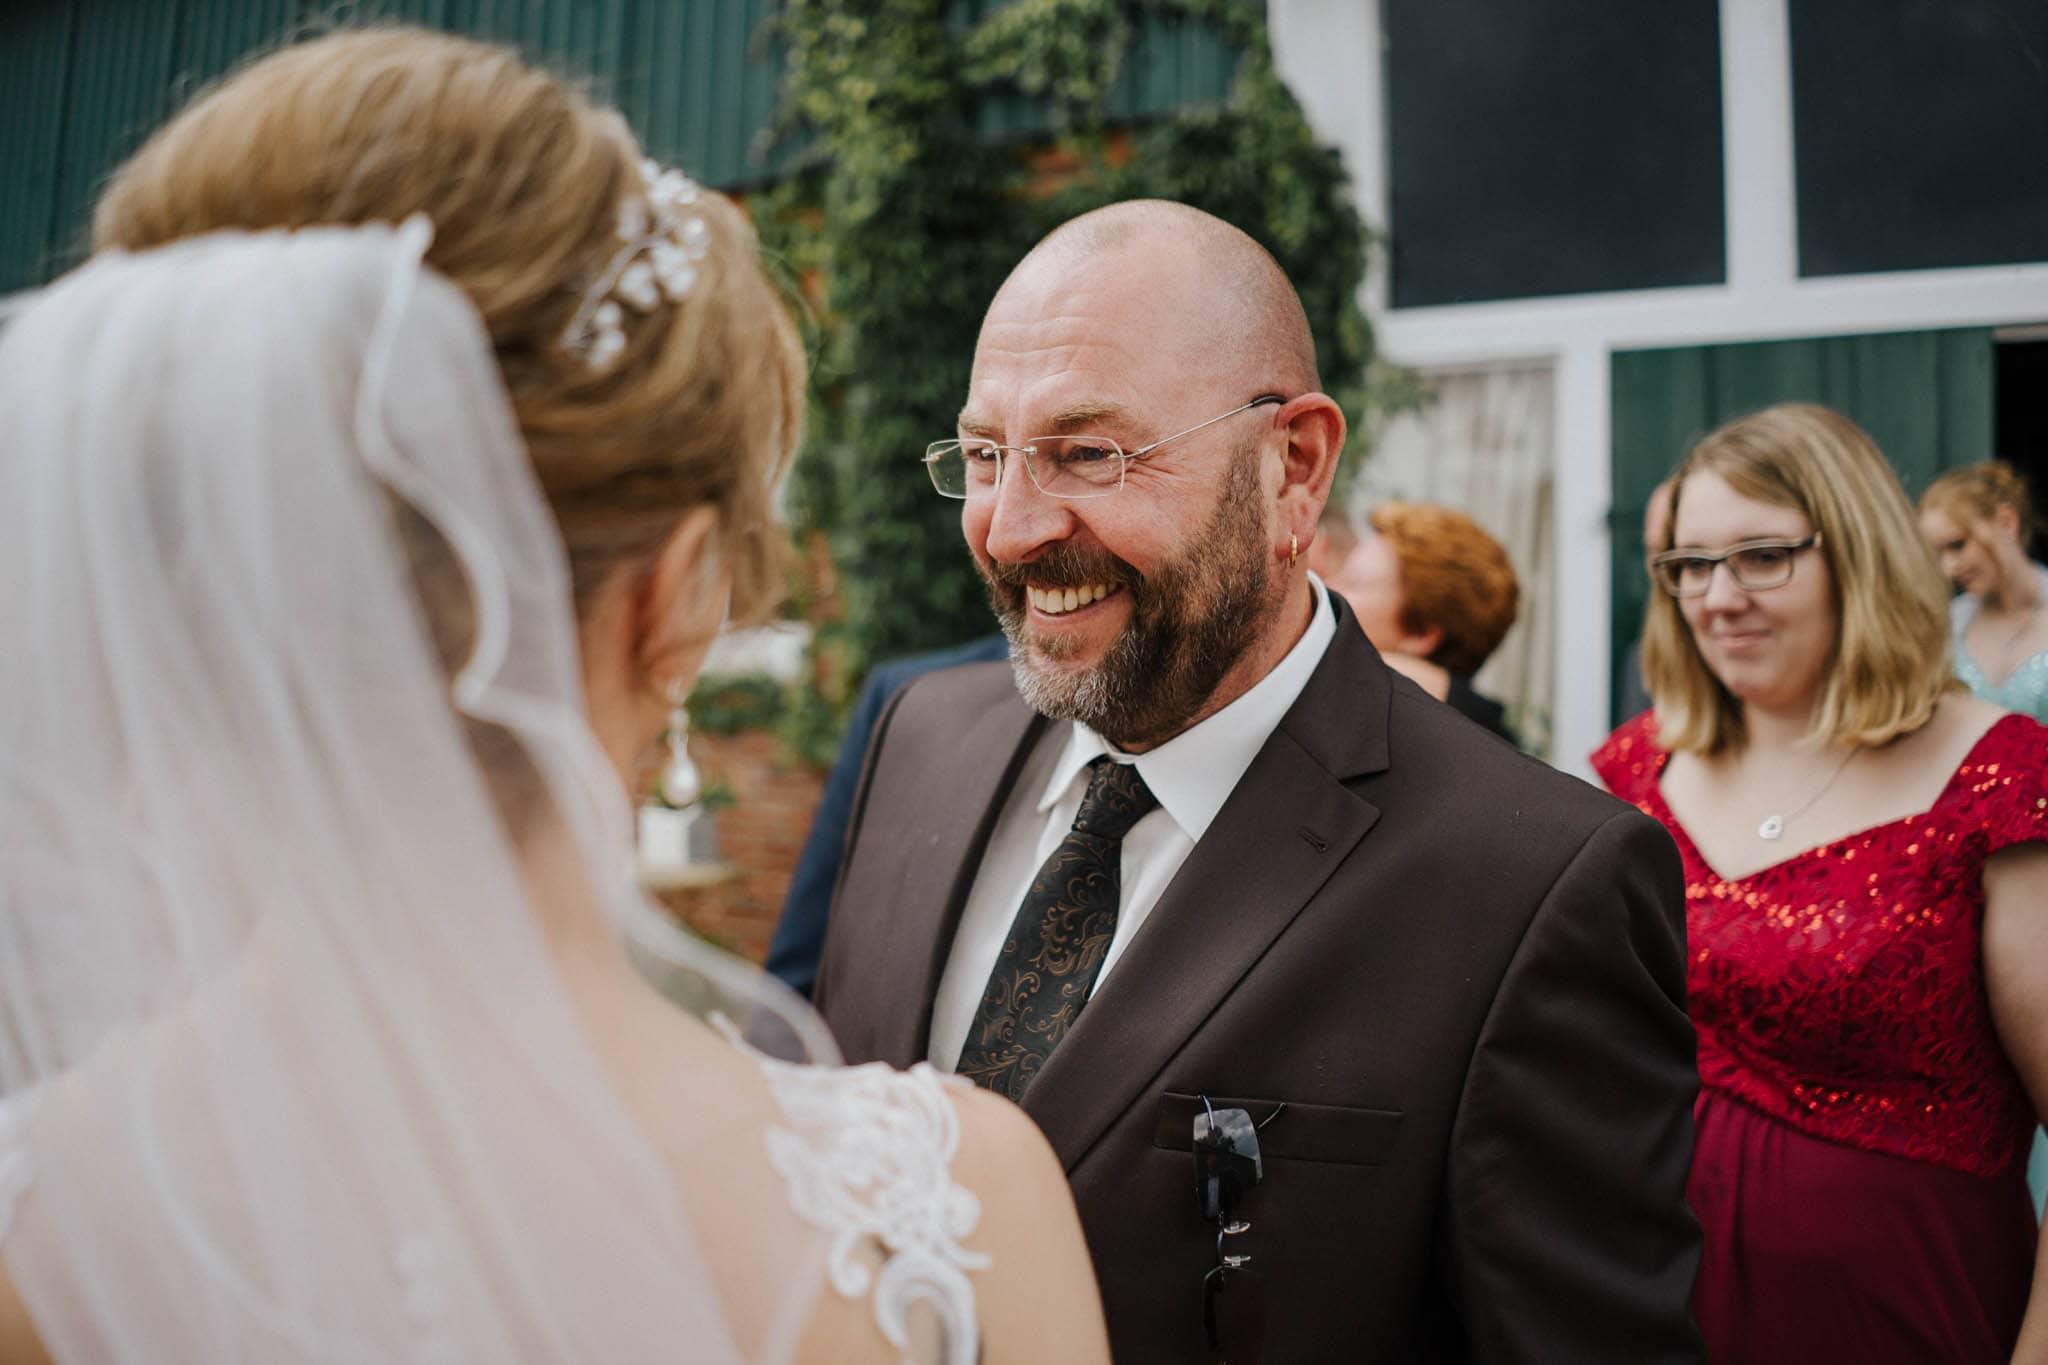 Hochzeitsfieber by Photo-Schomburg, Hoichzeitsfotograf, Hamburg, Wedding, Weddingtime, Hochzeitspaar, Braut, Bräutigam, Hochzeit im Norden,-67